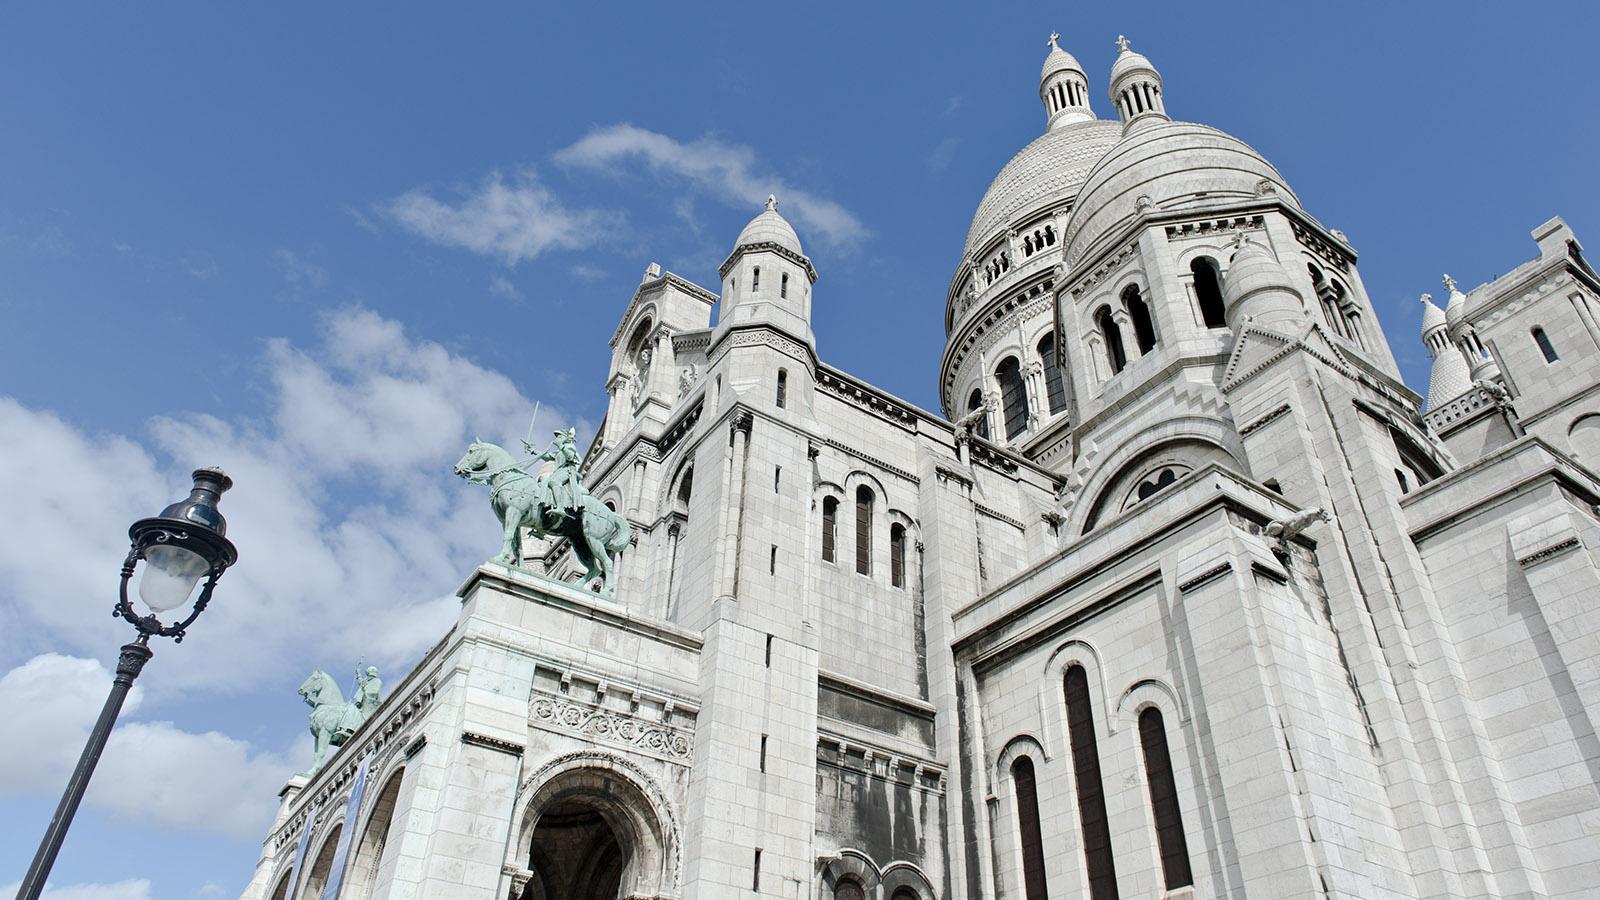 Die Spitze der Butte von Montmartre bekrönt die neobyzantische Basilika Sacré-Cœur. Foto: Hilke Maunder